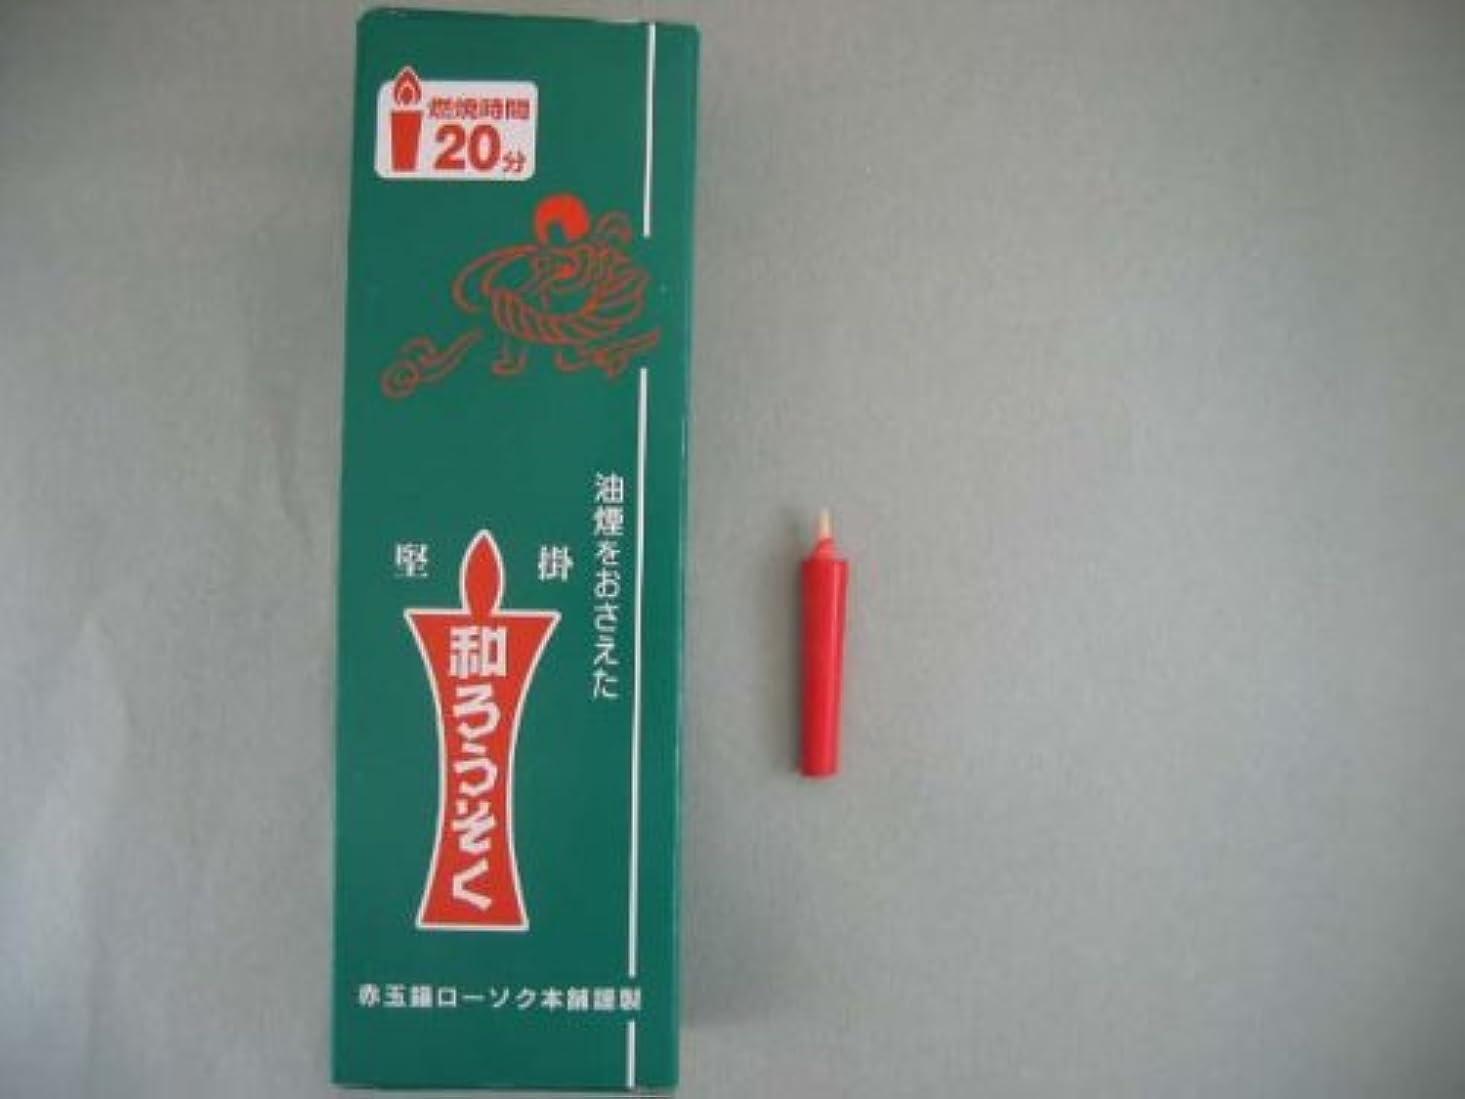 和ろうそく 型和蝋燭 ローソク 豆型 【朱】 棒タイプ 朱色 100本入り